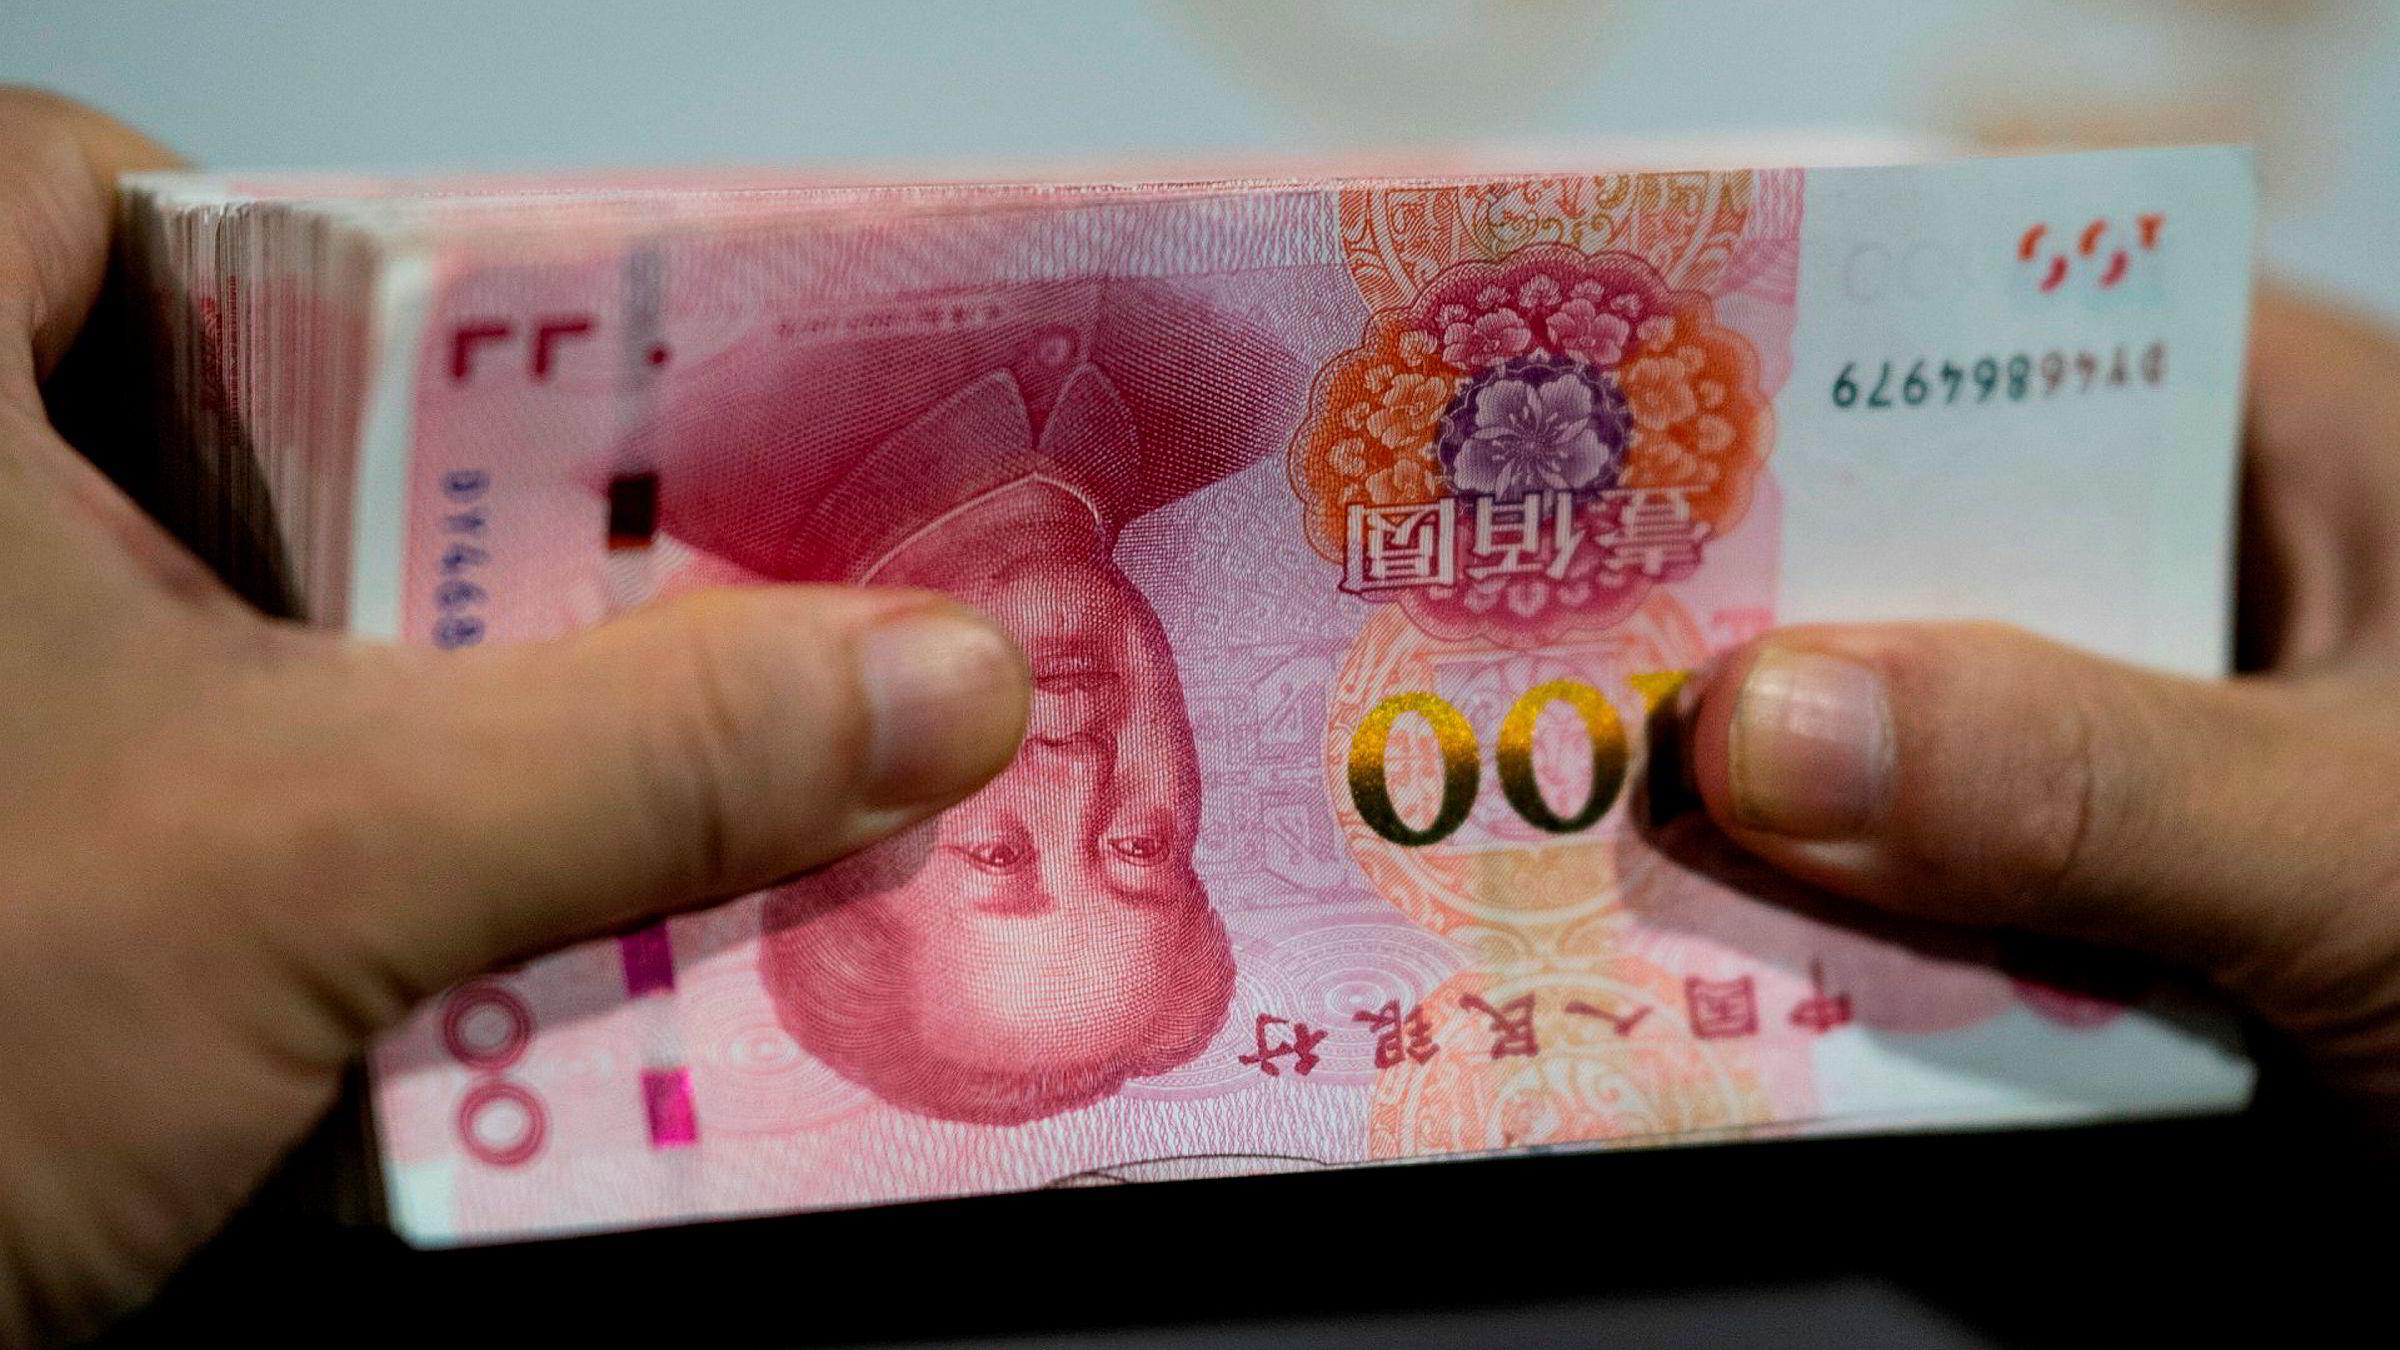 Kinesiske banker mottar rekordmange lånesøknader og det gis færre avslag. Kinesiske selskaper sliter med svak likviditet, ifølge siste utgave av China Beige Book.